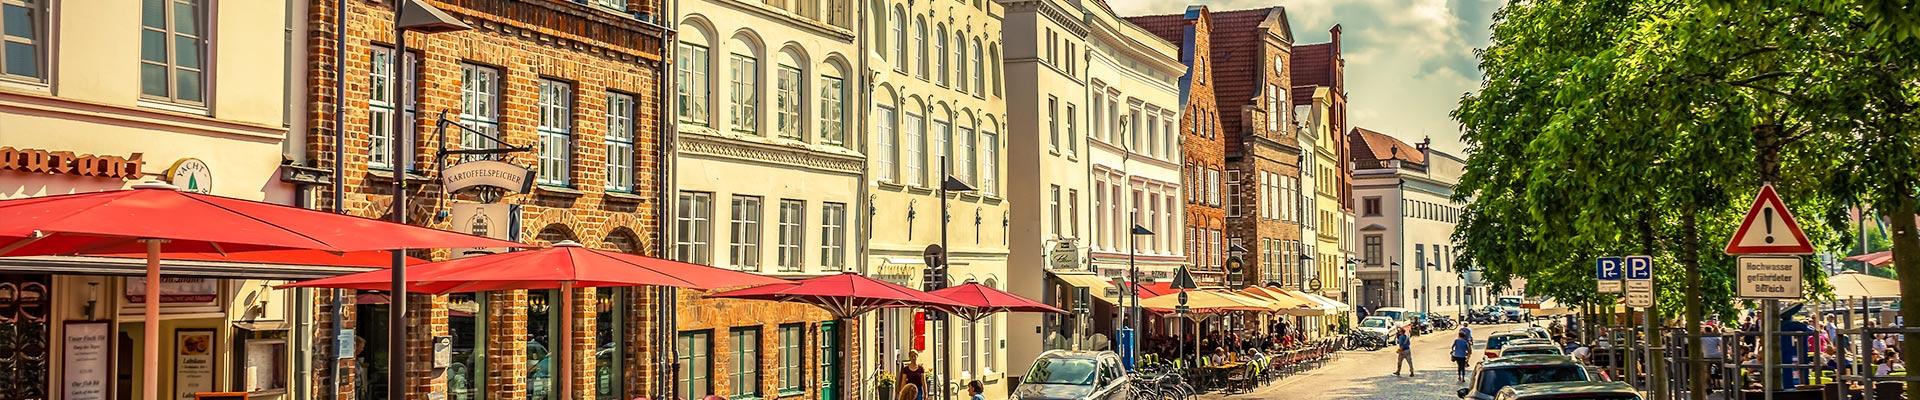 sliderfoto schlüsseldienst lübeck innenstadt